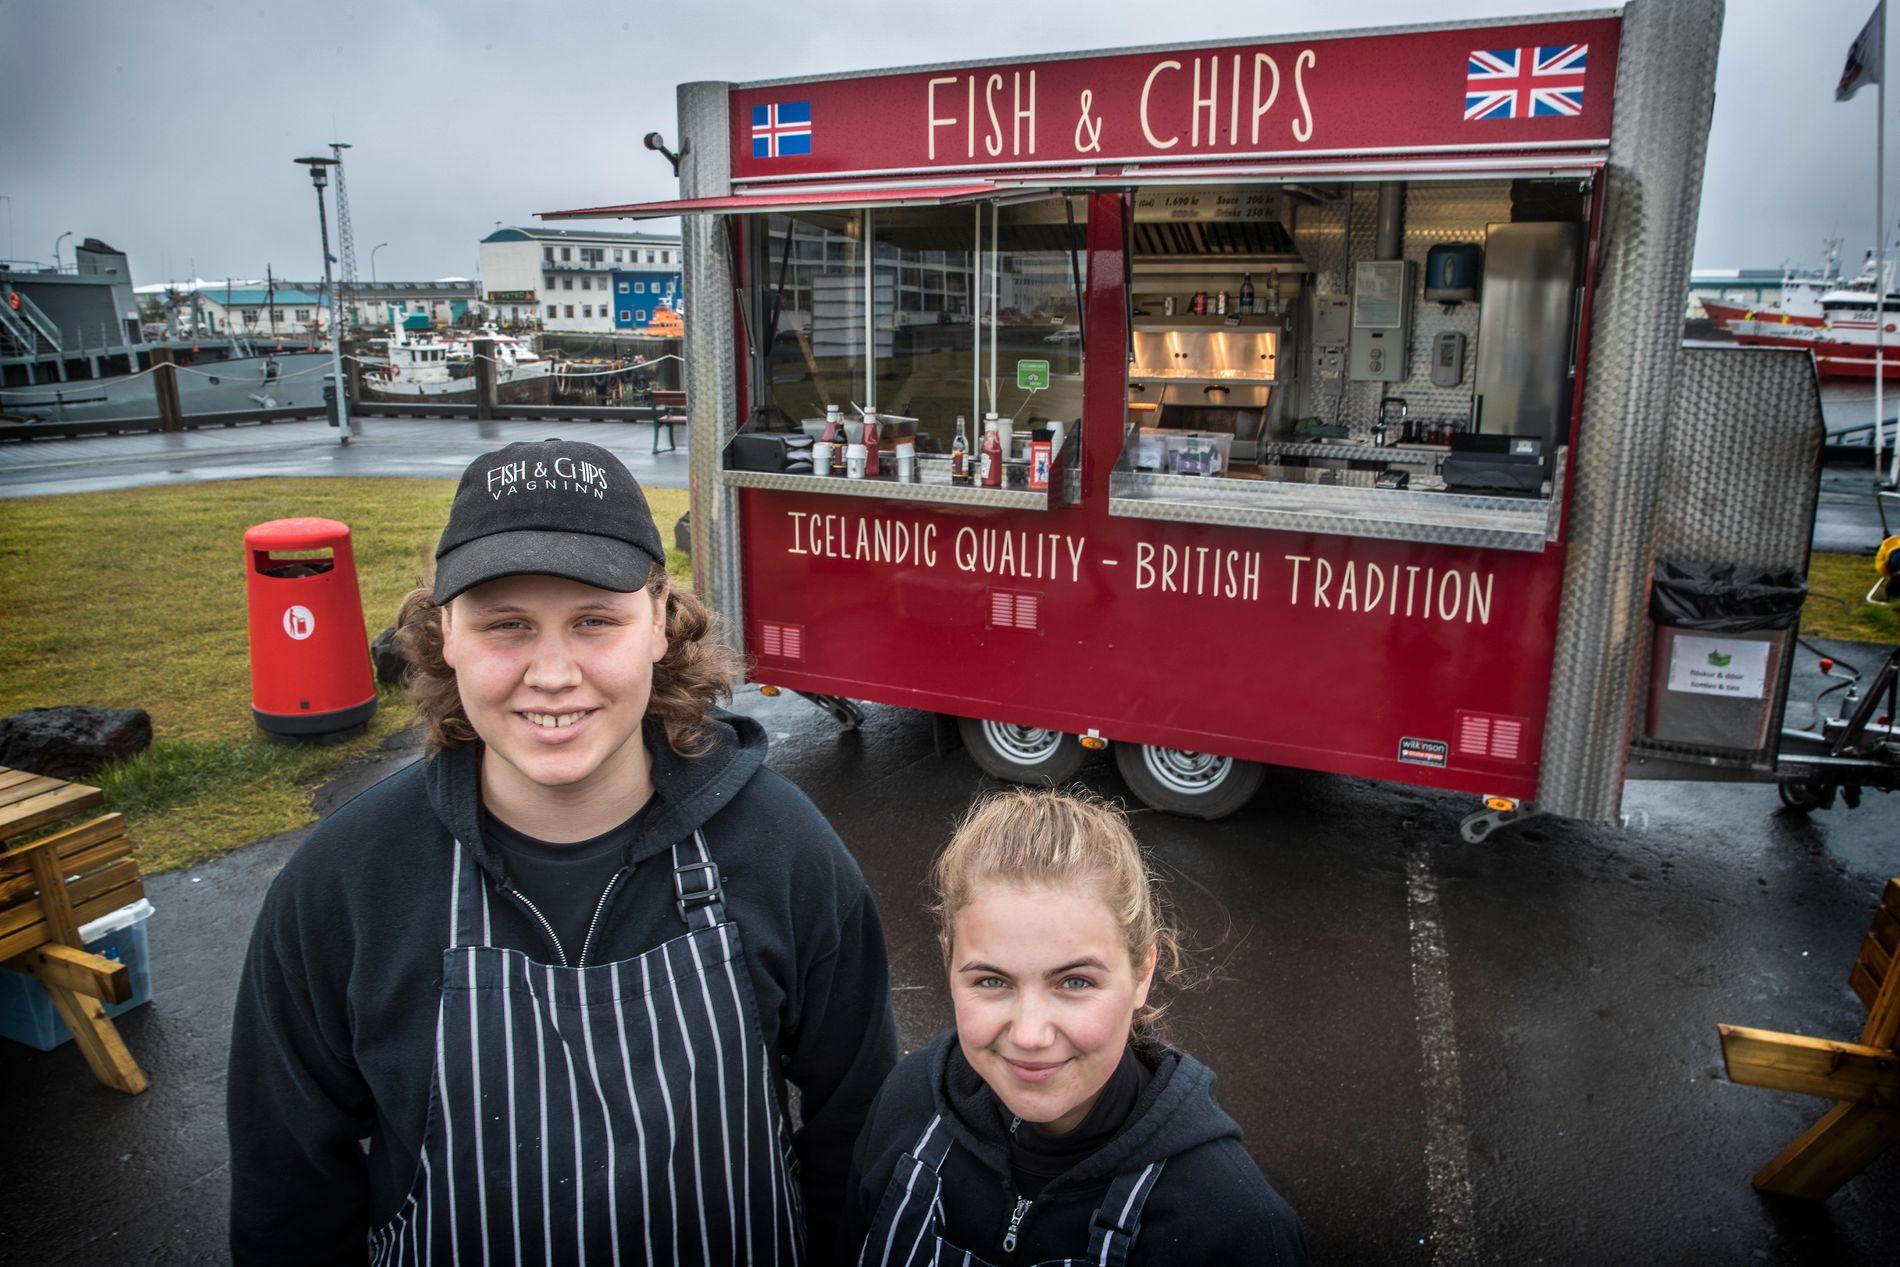 EN FOT I HVER LEIR: Jonas Arnason (t.v., 17) og Margrét Ragna Gylfadóttir (17) selger den engelske nasjonalretten Fish and Chips på havnen i Reykjavik.